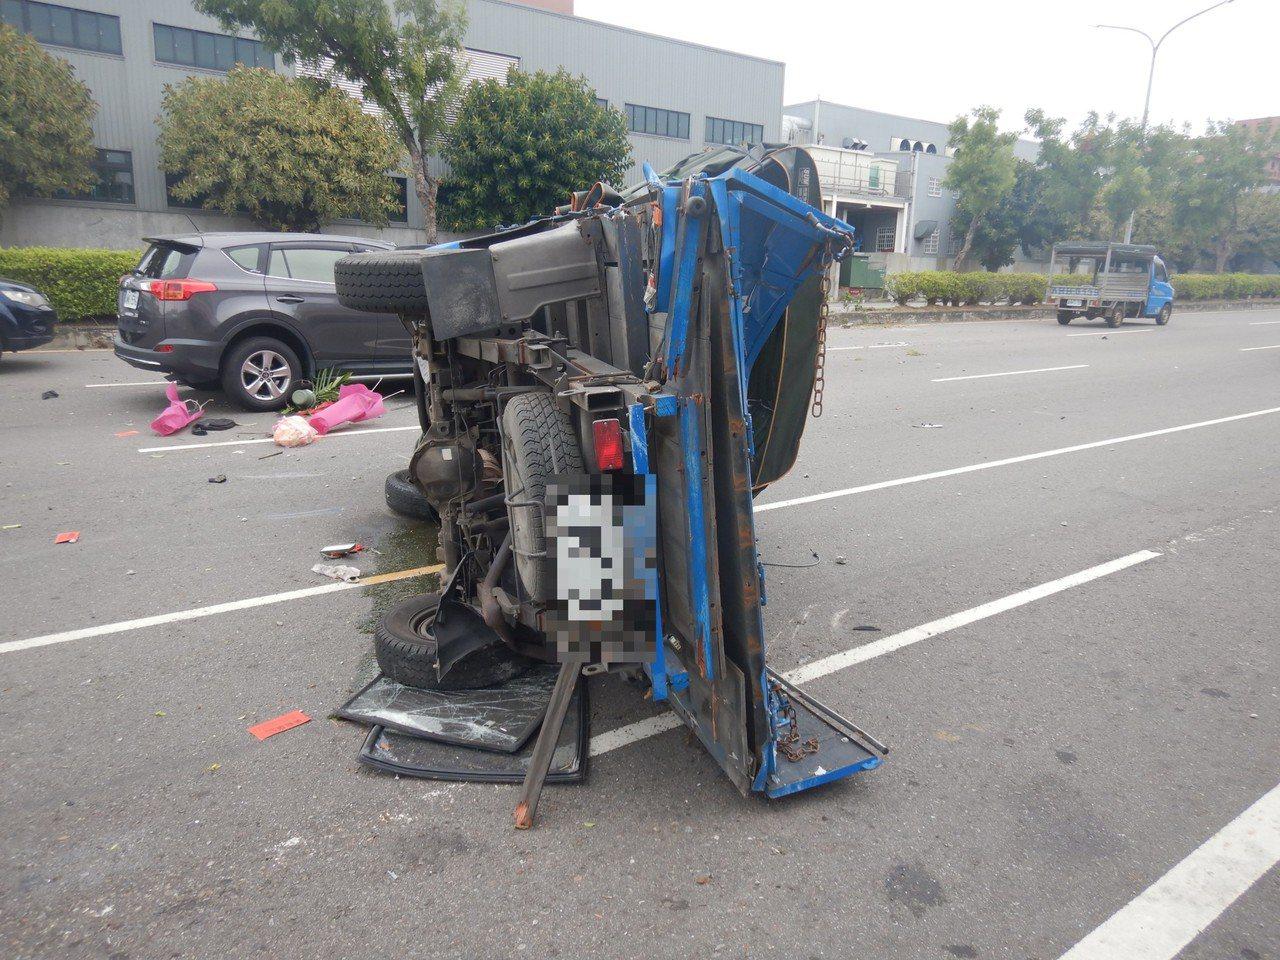 台中市清水區昨天發生車禍,6人受傷。記者游振昇/翻攝